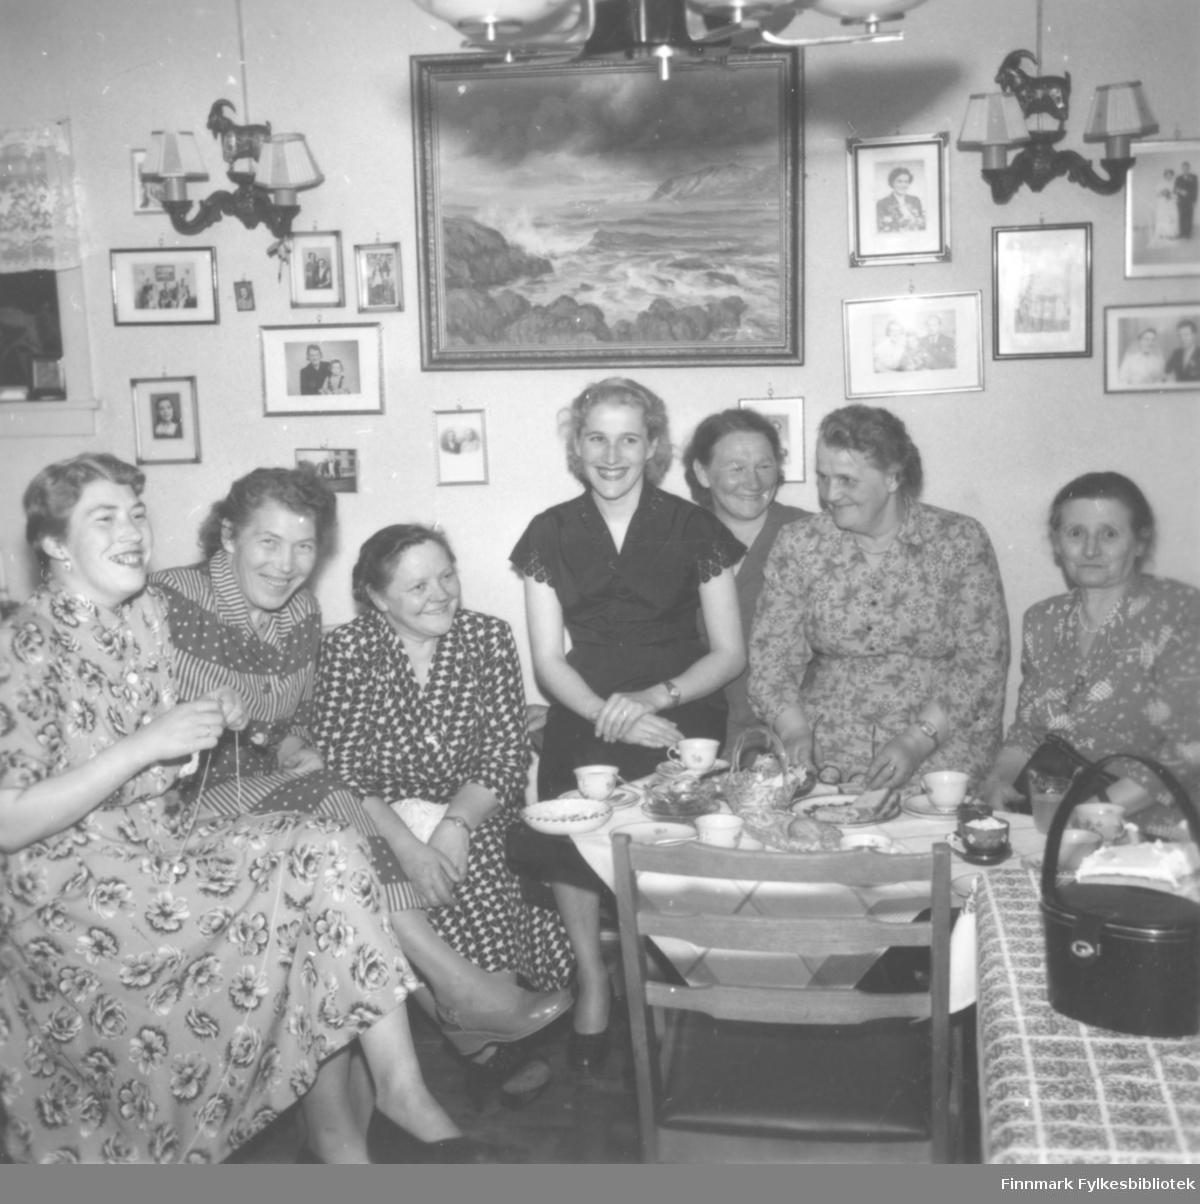 Bursdagsfeiring hos Svanhild Kvam, antakelig ca. 1965, mange kvinner samlet til hyggelig lag. På stueveggen familiefotografier og et stort maleri